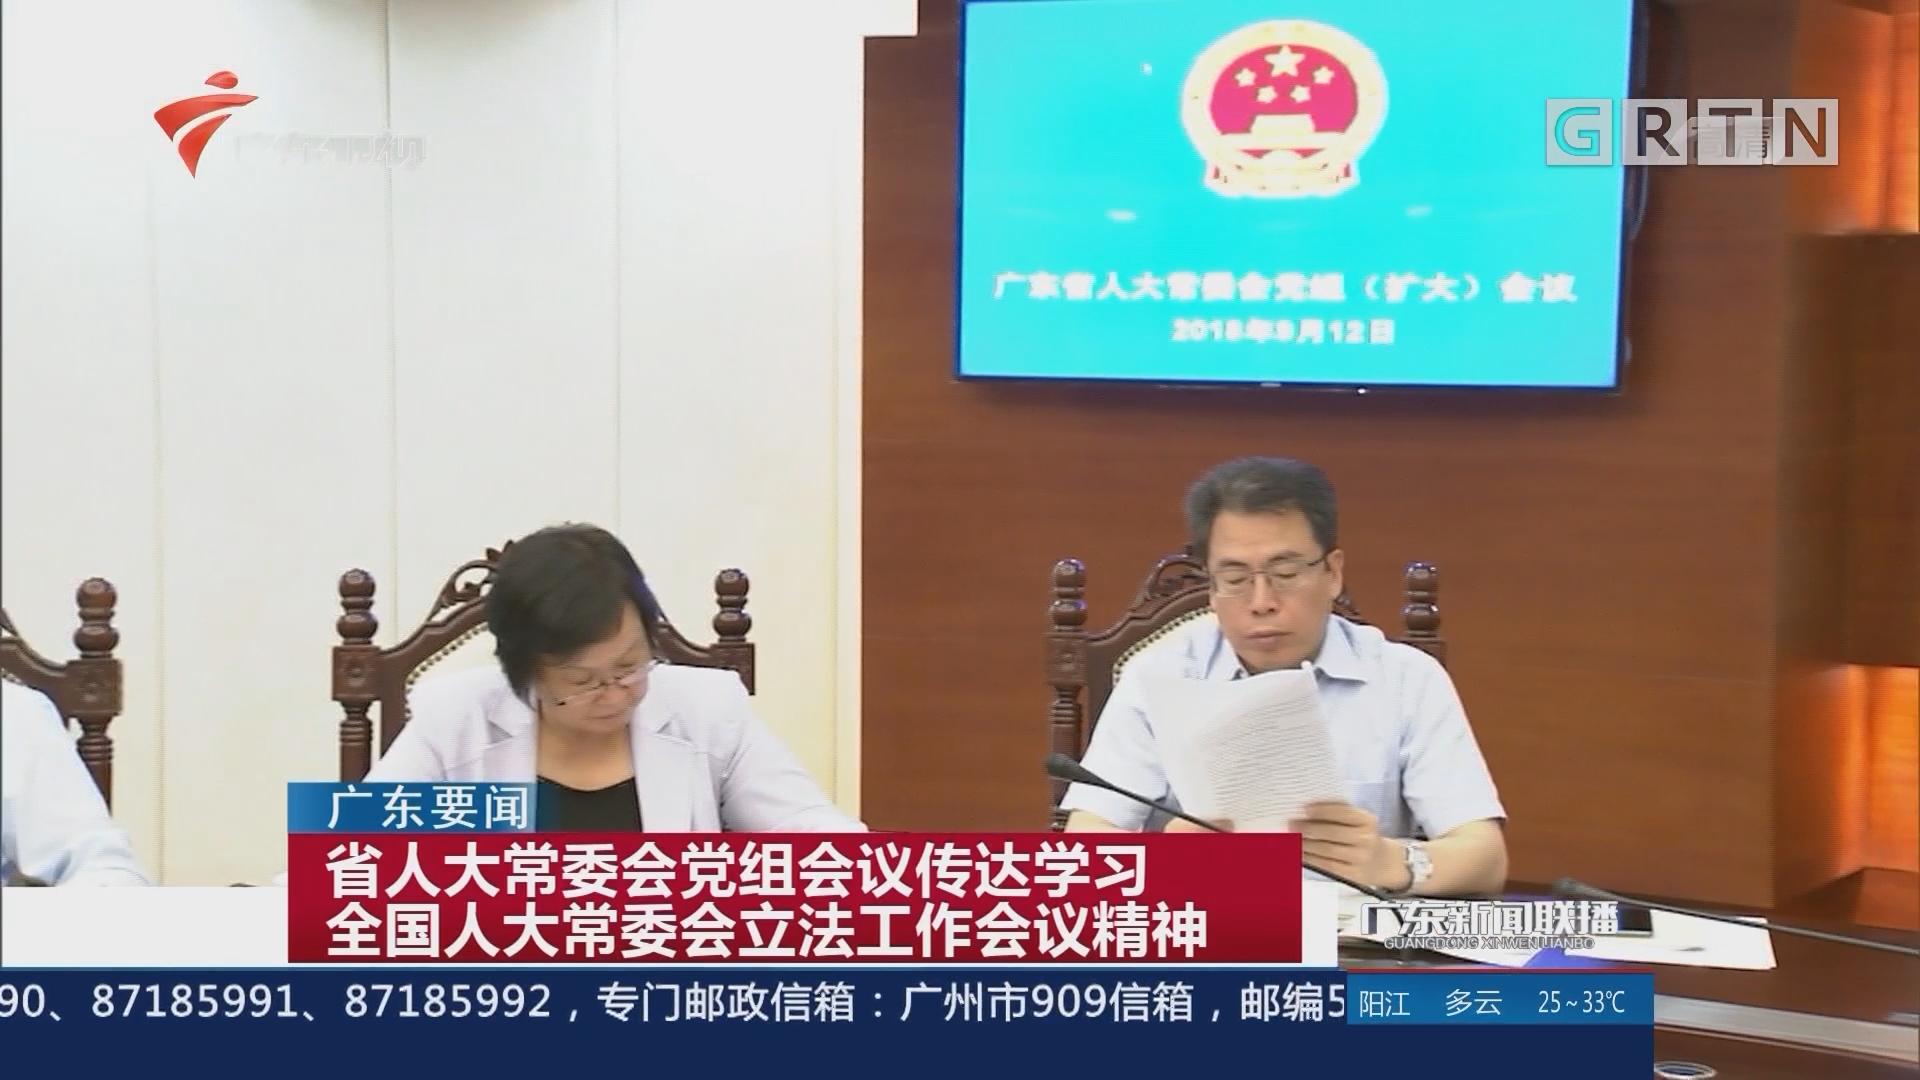 省人大常委会党组会议传达学习 全国人大常委会立法工作会议精神